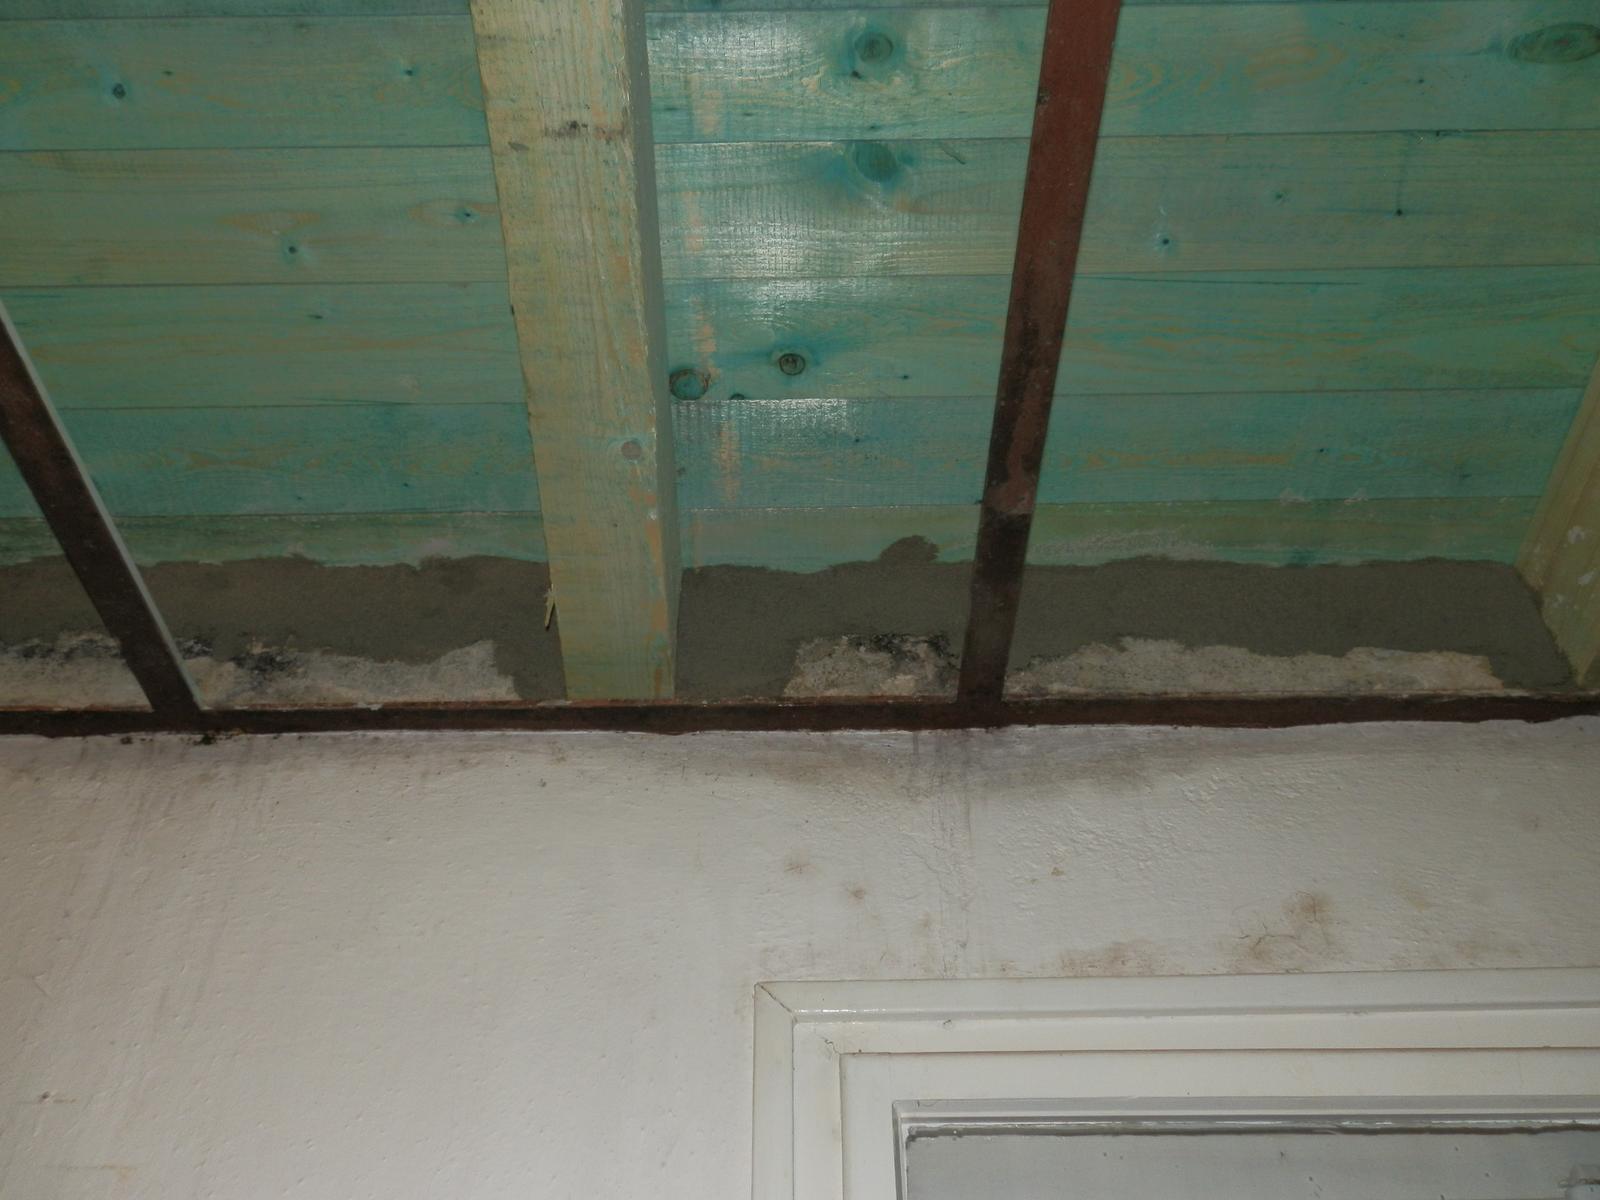 Náš byt v domě- rekonstrukce - Obrázek č. 78